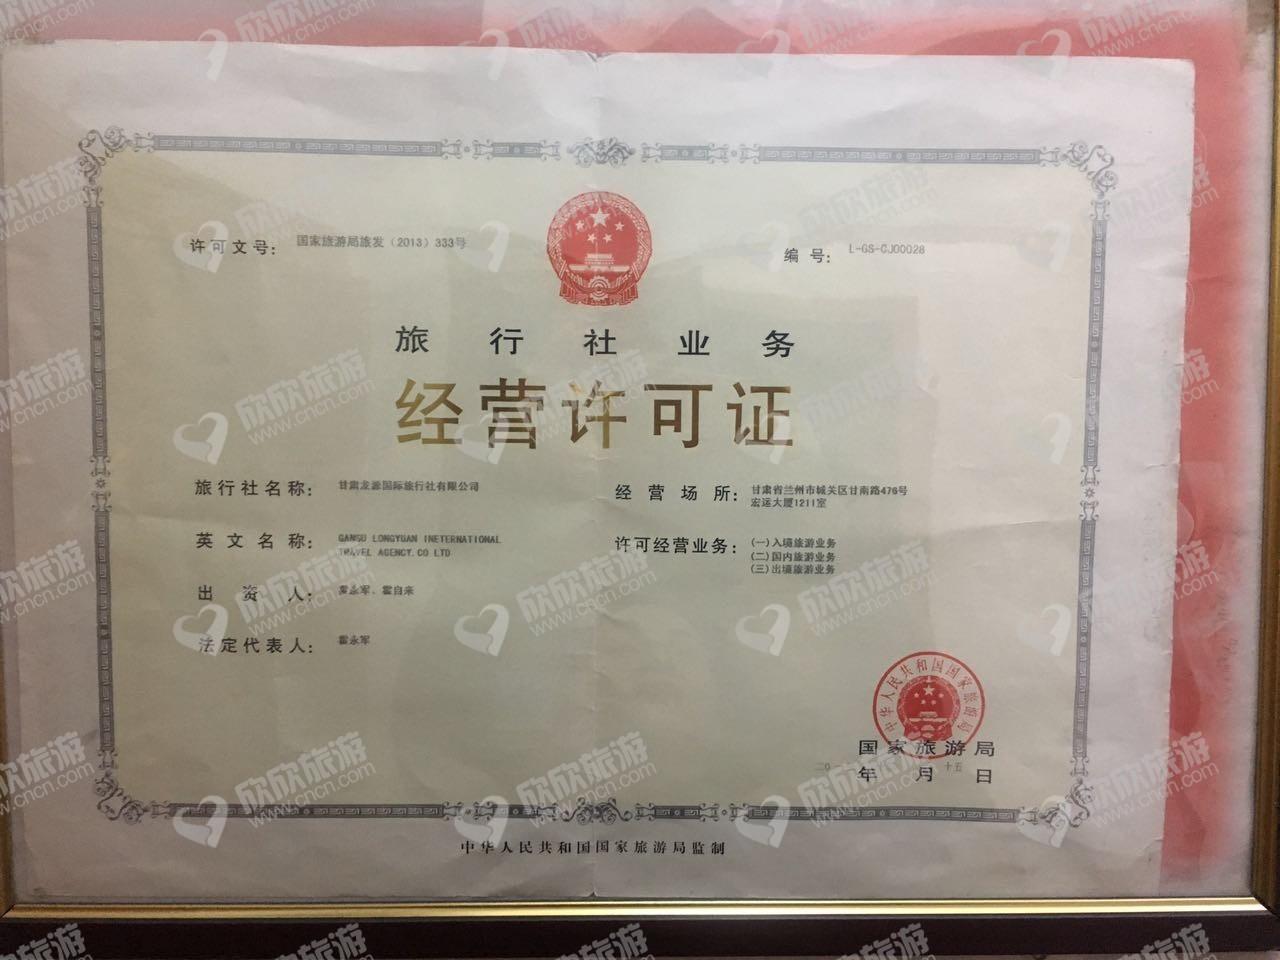 甘肃龙源国际旅行社有限公司经营许可证